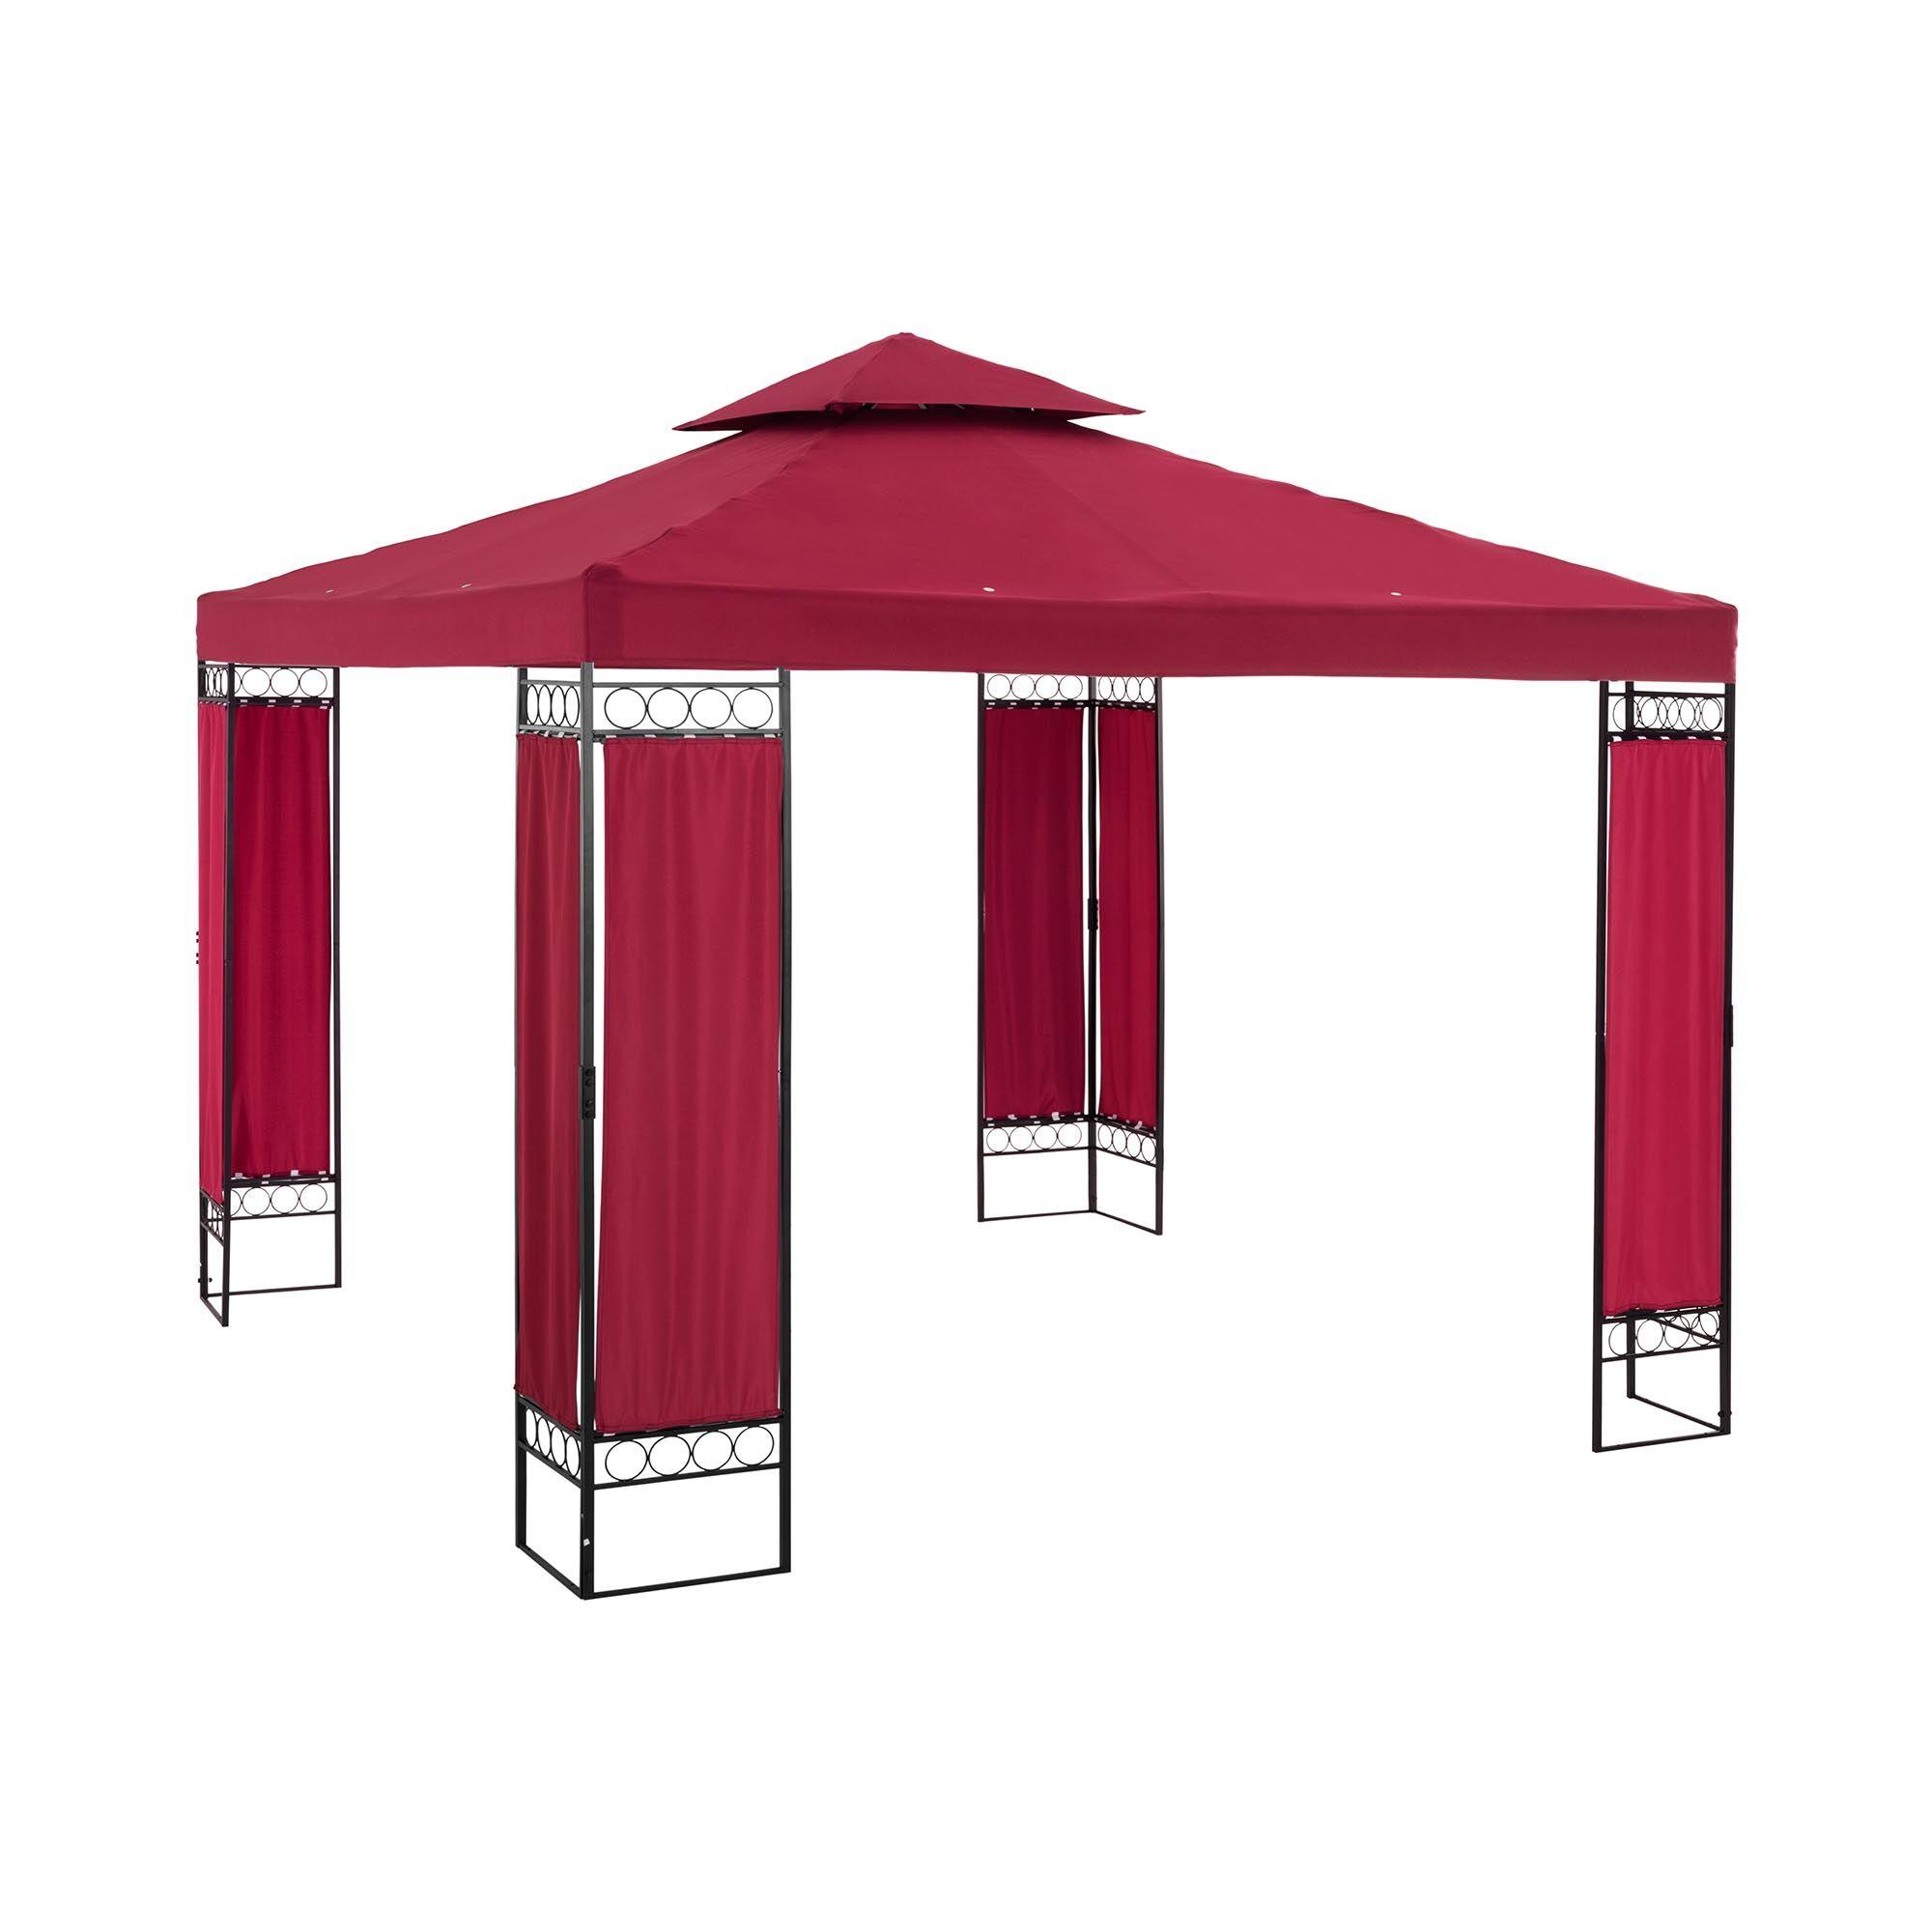 Uniprodo Telt-pavillon - 3 x 3 m - 160 g/m² - vinrød UNI_PERGOLA_3X3RF